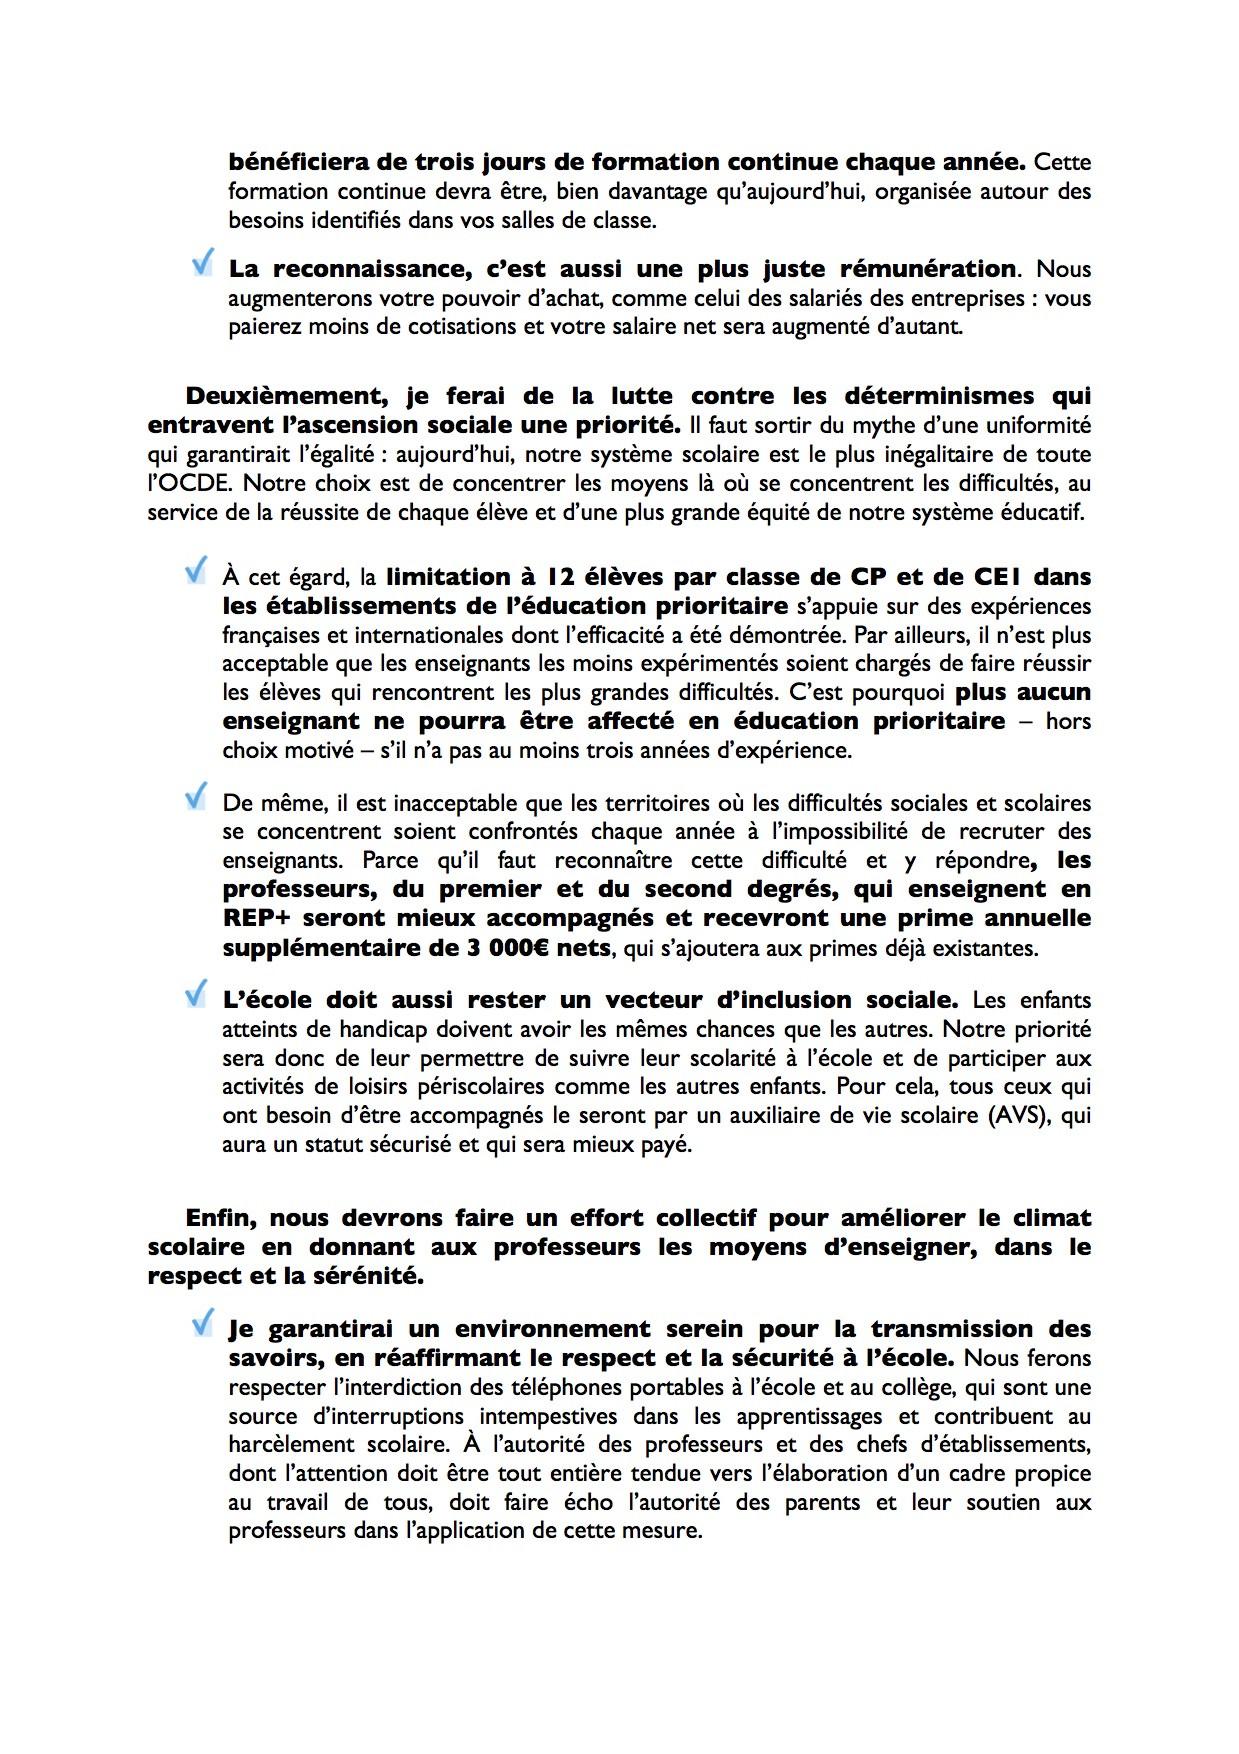 lettre-ouverte-education-2